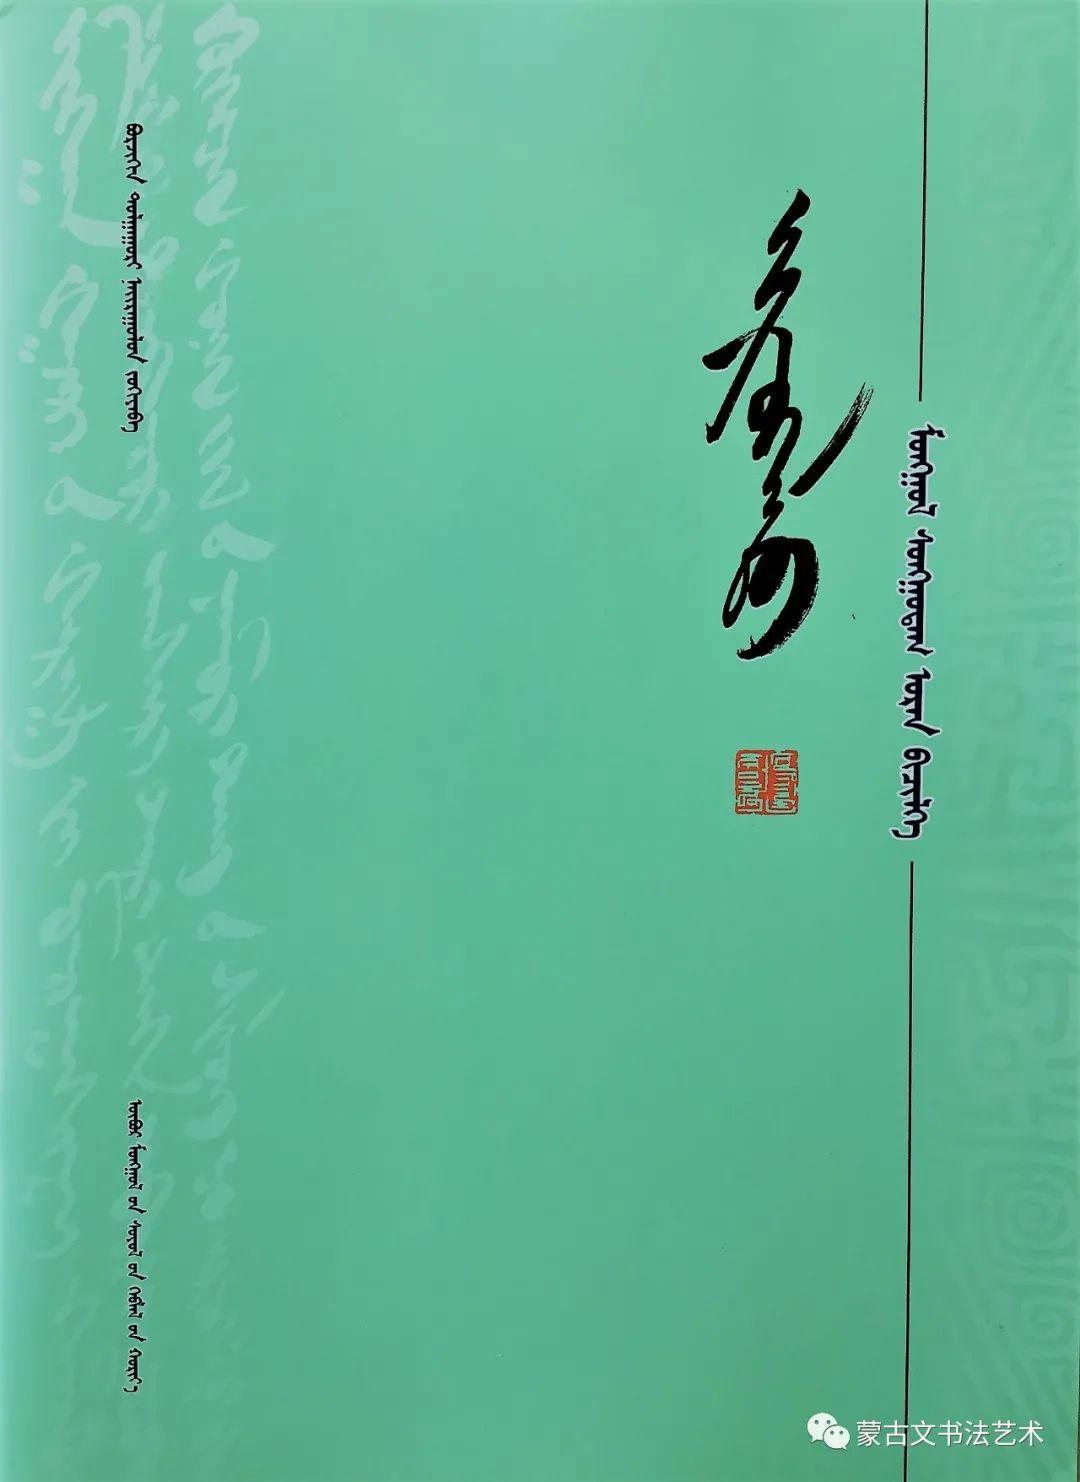 包宝柱《蒙古文经典书法》 第27张 包宝柱《蒙古文经典书法》 蒙古书法